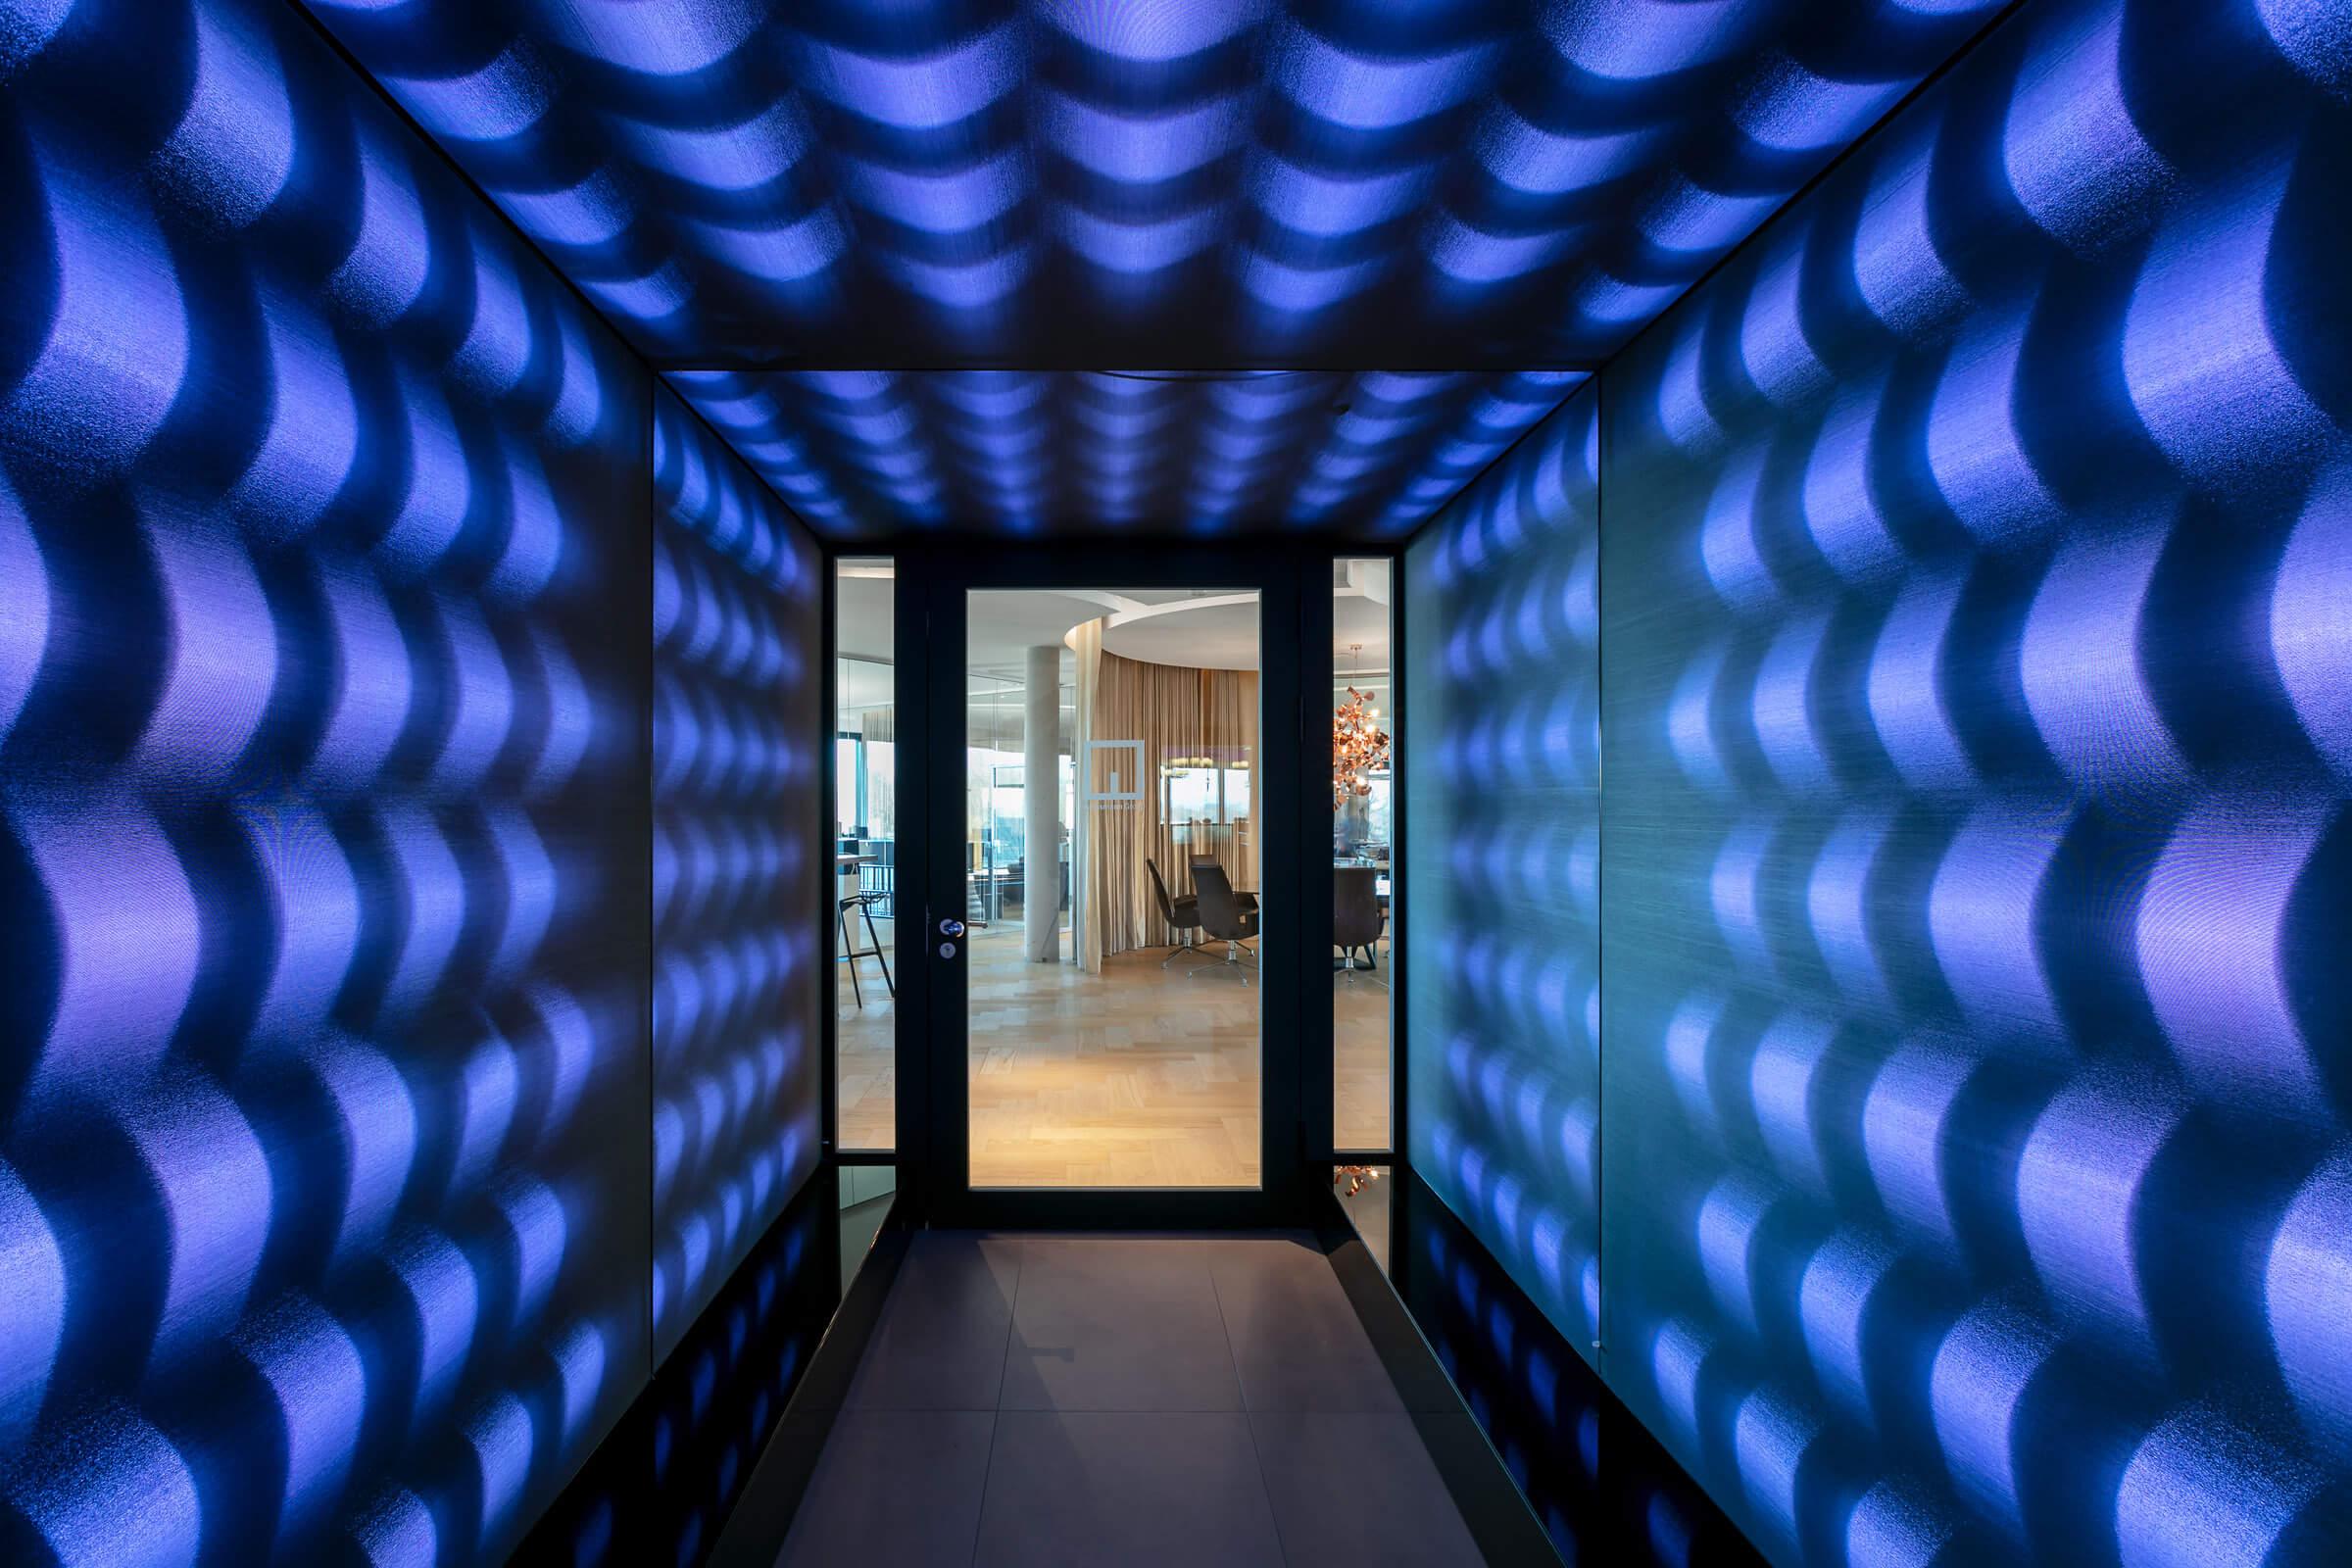 Blick auf eine Glastür im Eingangsbereich eines Leuchtrahmen Tunnels